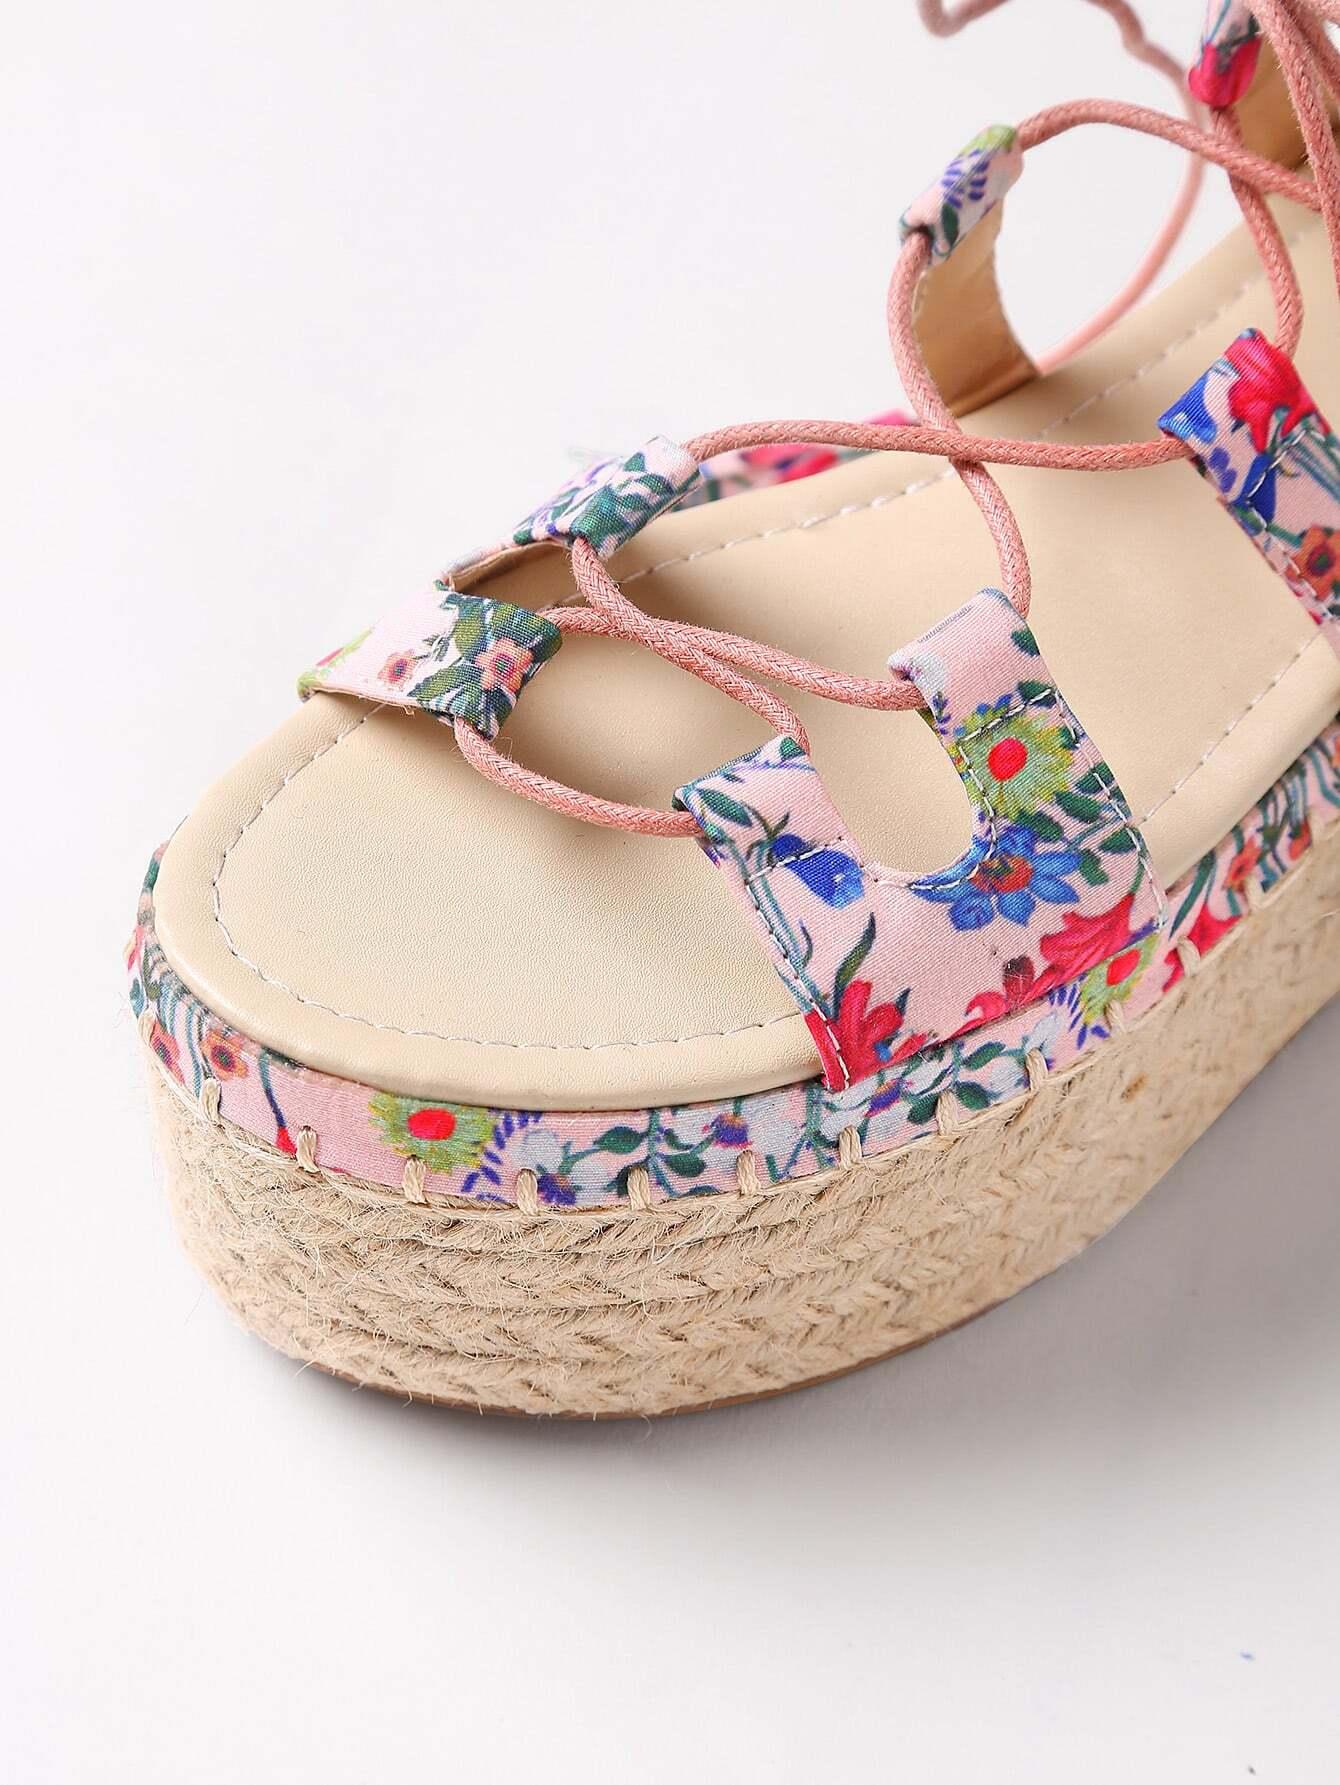 shoes170407801_2